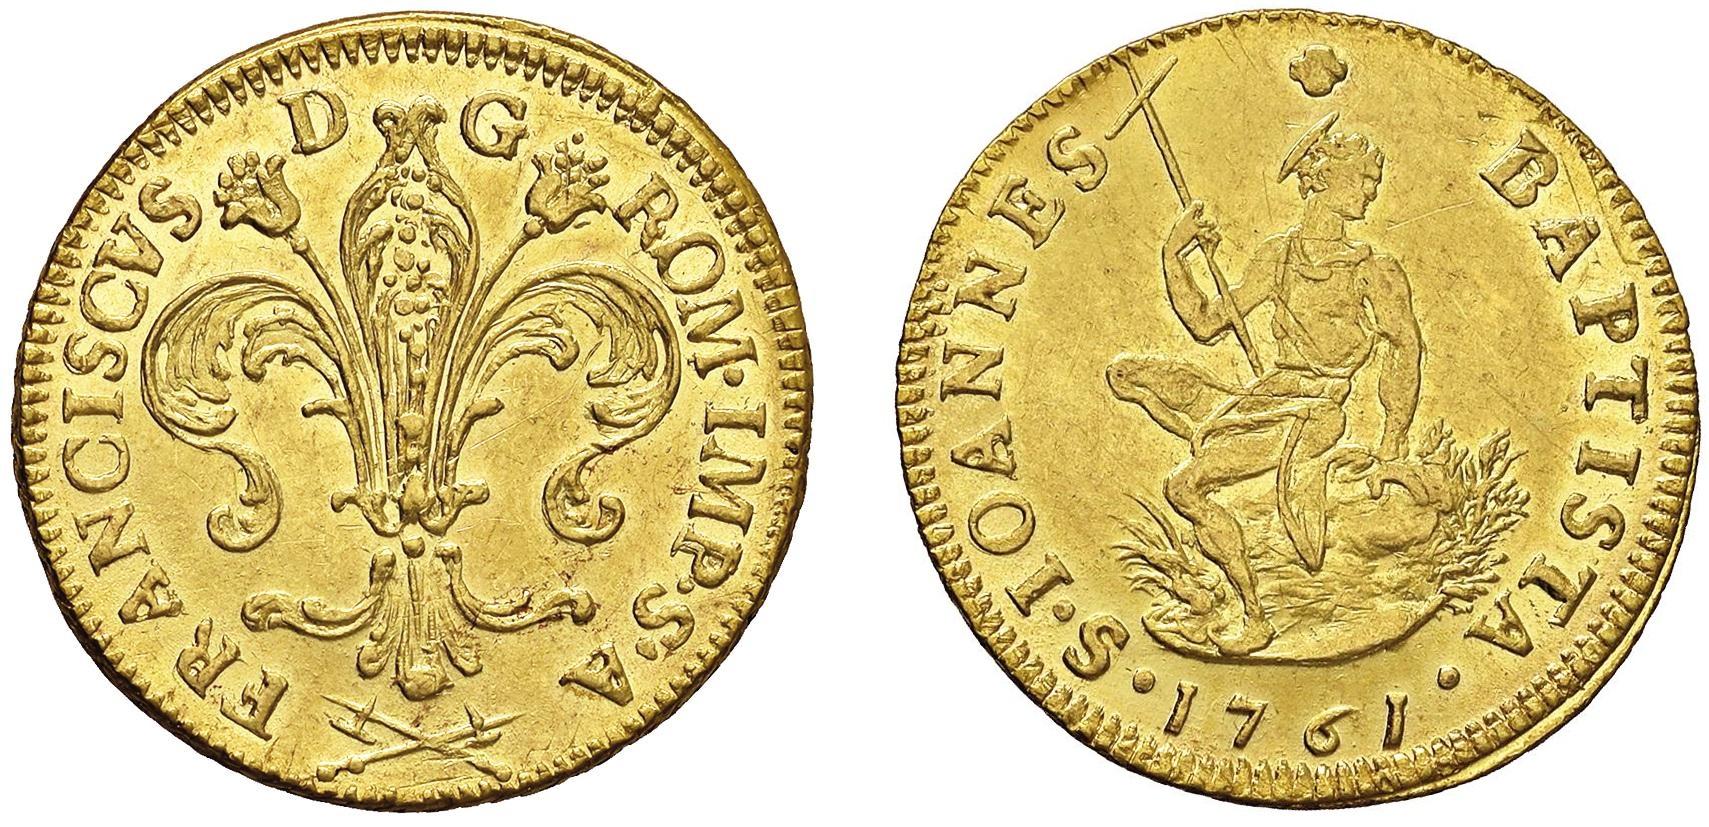 Ruspone di Francesco II di Lorena (1737-1765) raro e Spl+; al lotto 359 è stimato € 800/1.200